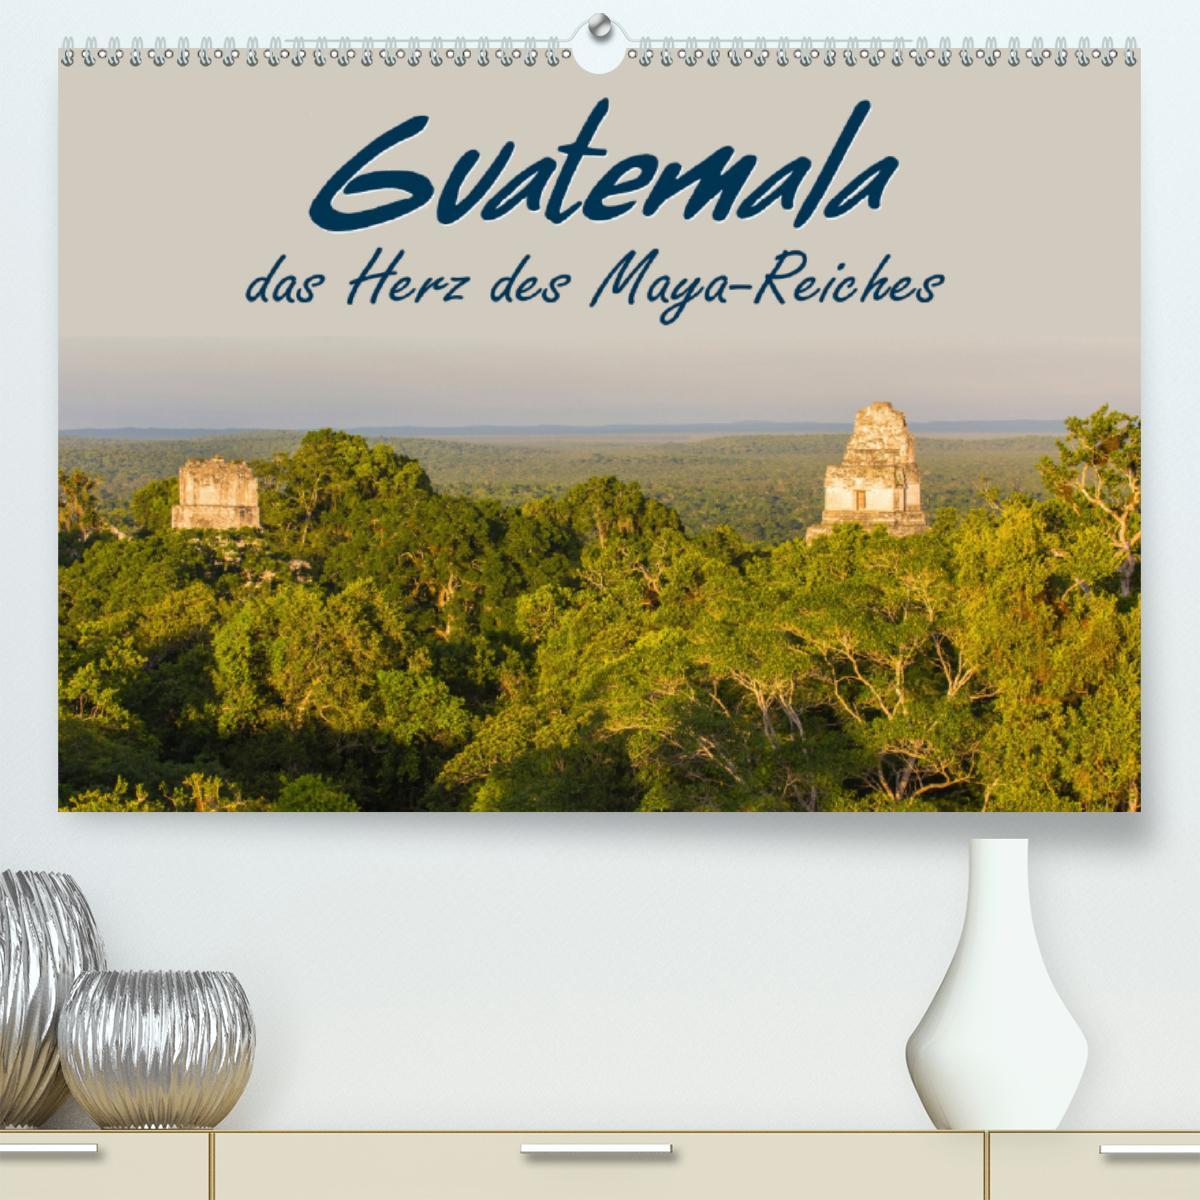 Guatemala - das Herz des Mayareiches (Premium, hochwertiger DIN